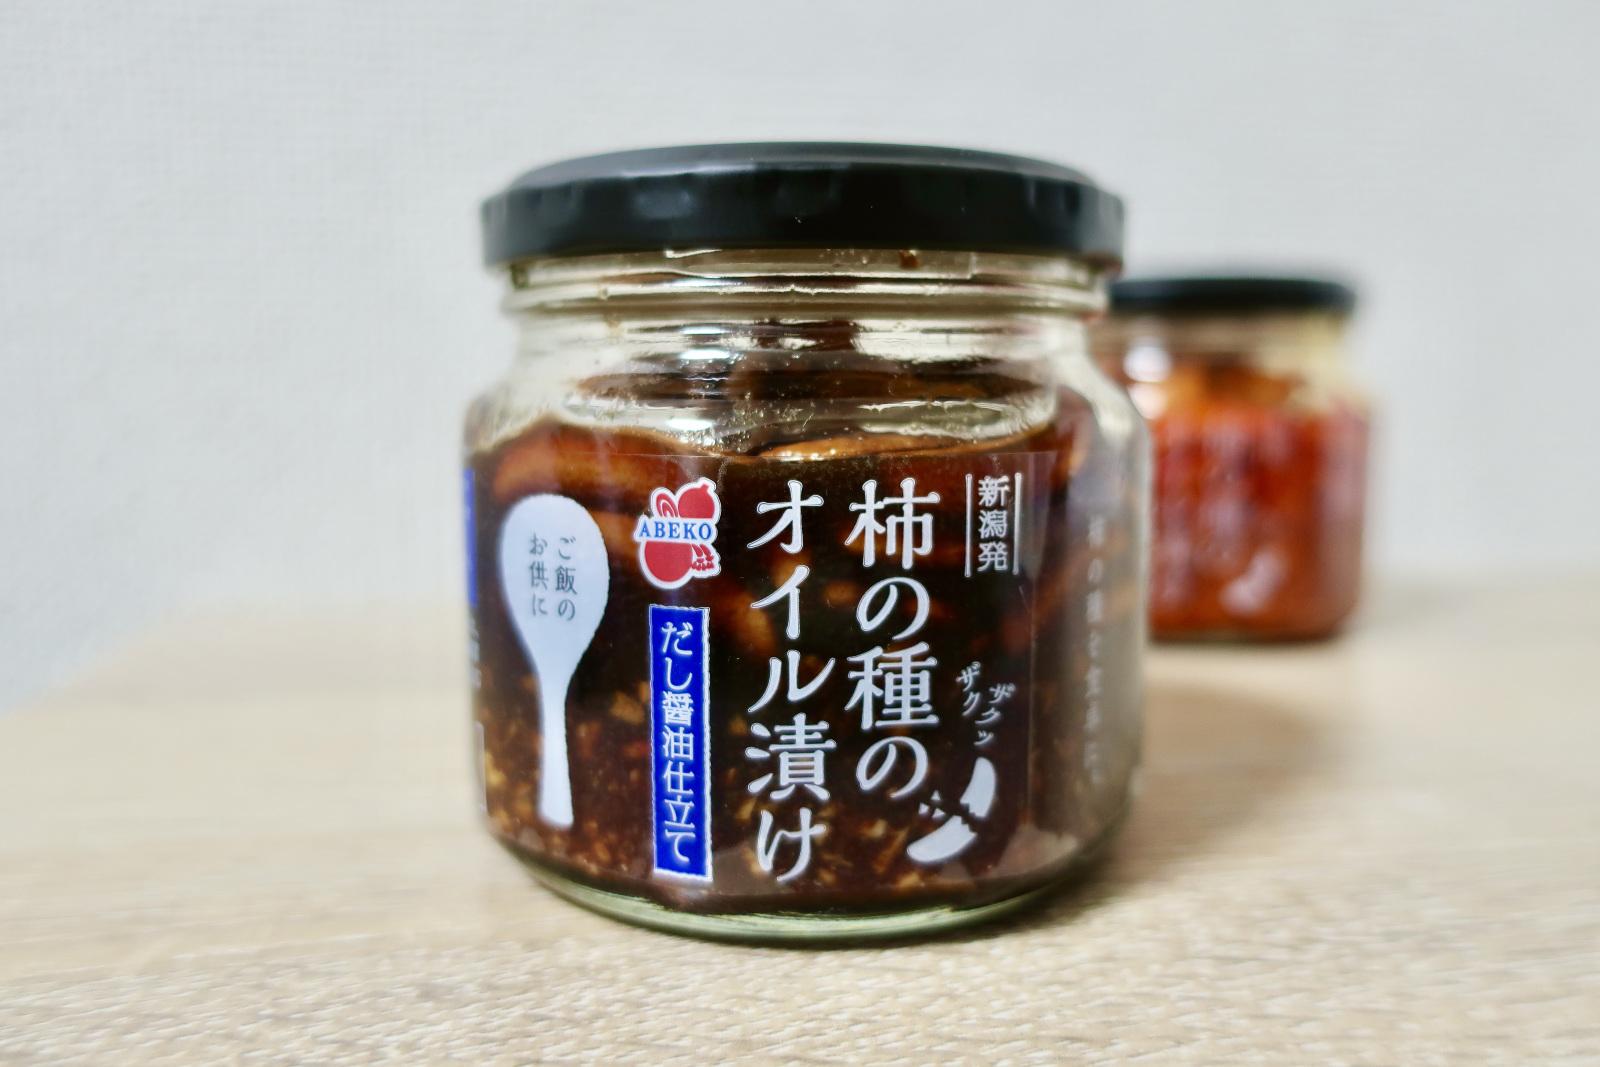 柿の種のオイル漬け_だし醤油仕立て